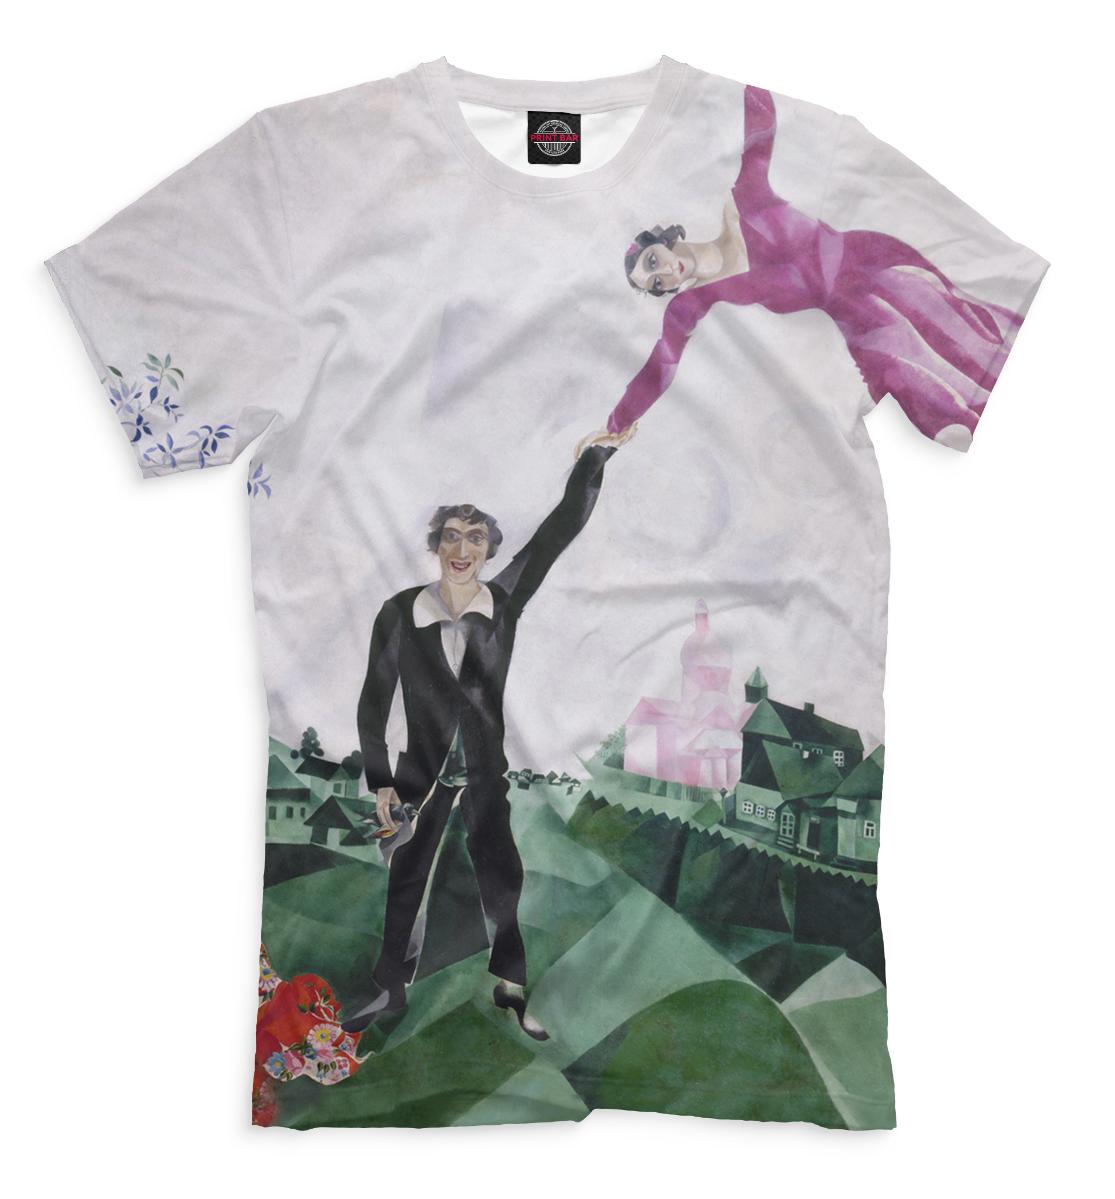 Купить Мужская футболка Прогулка GHI-591634-fut-2